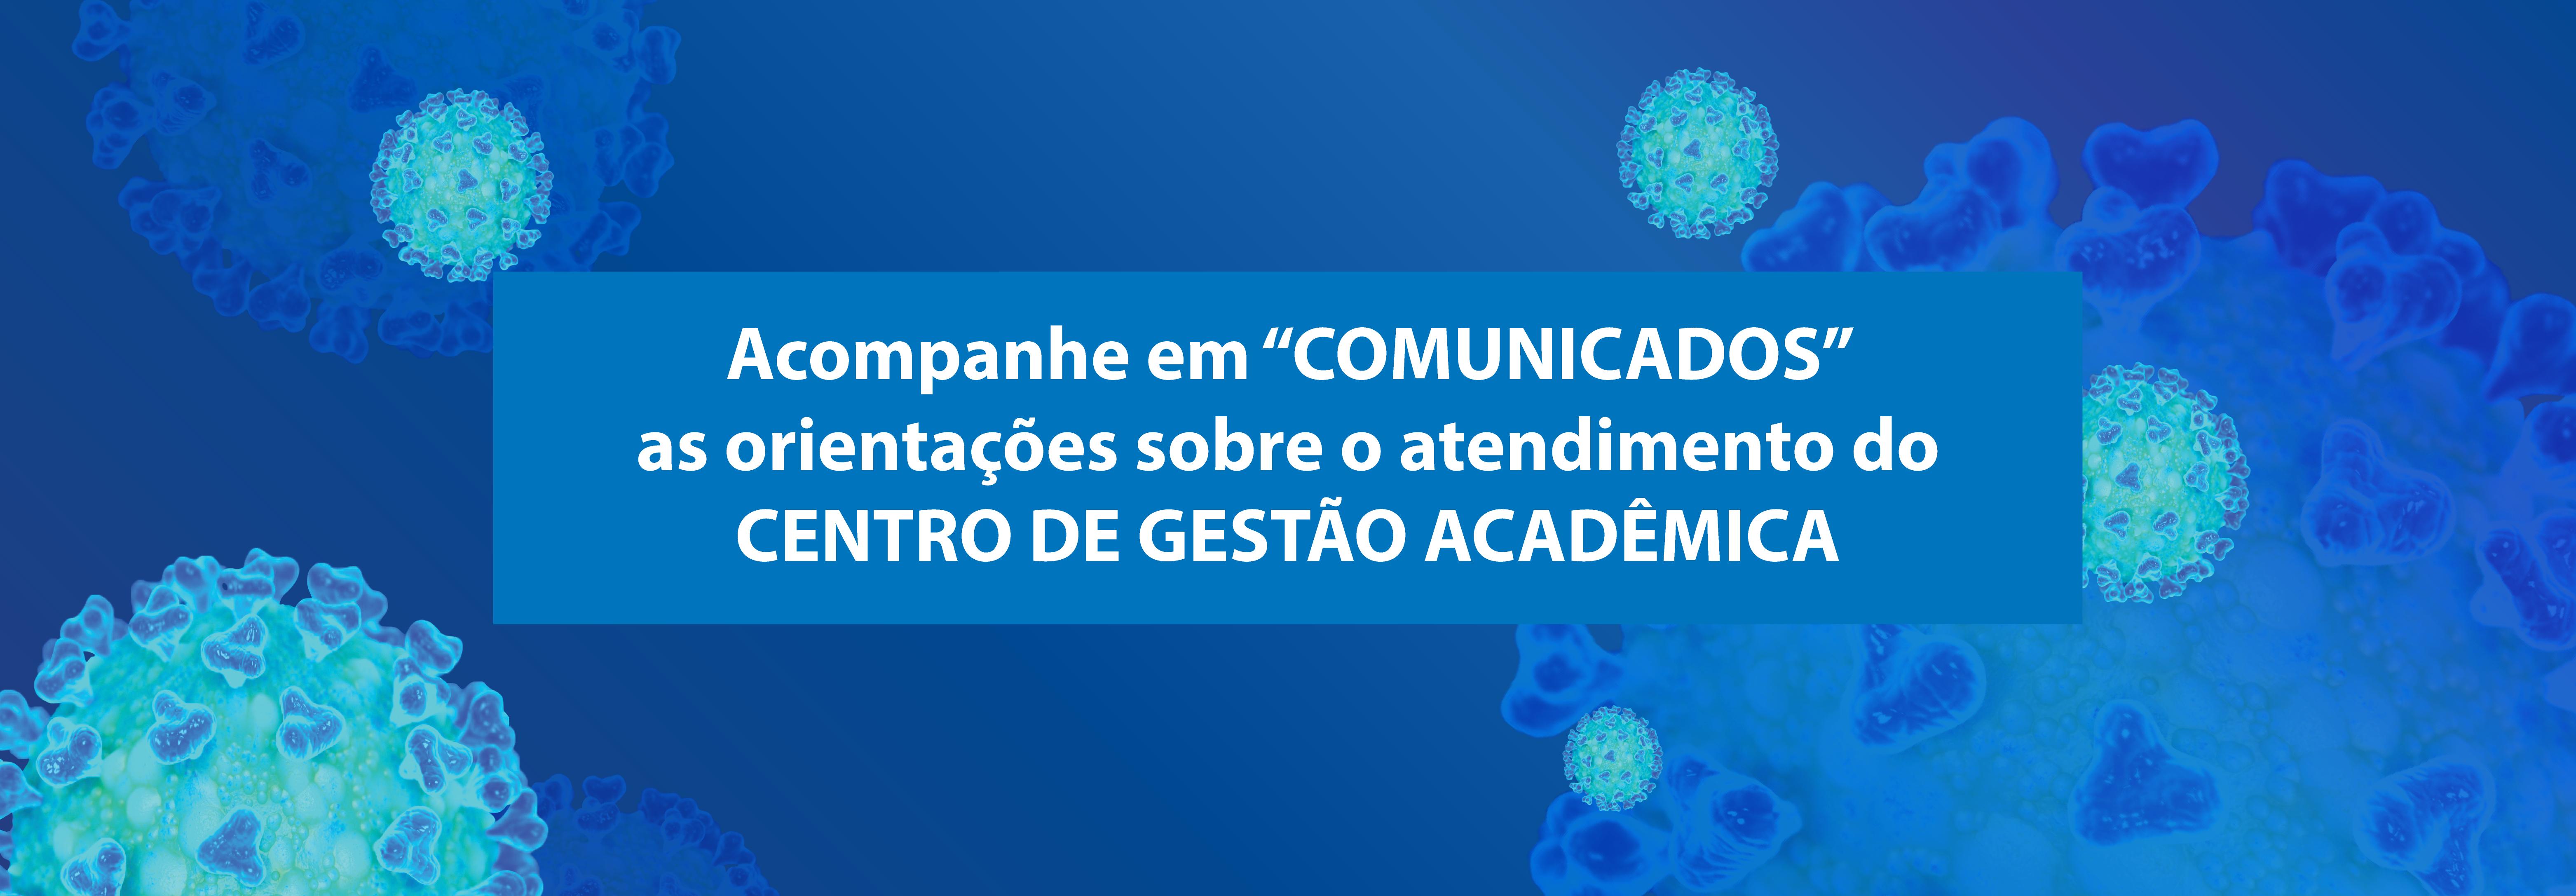 coronavirus-banner-CGA-04